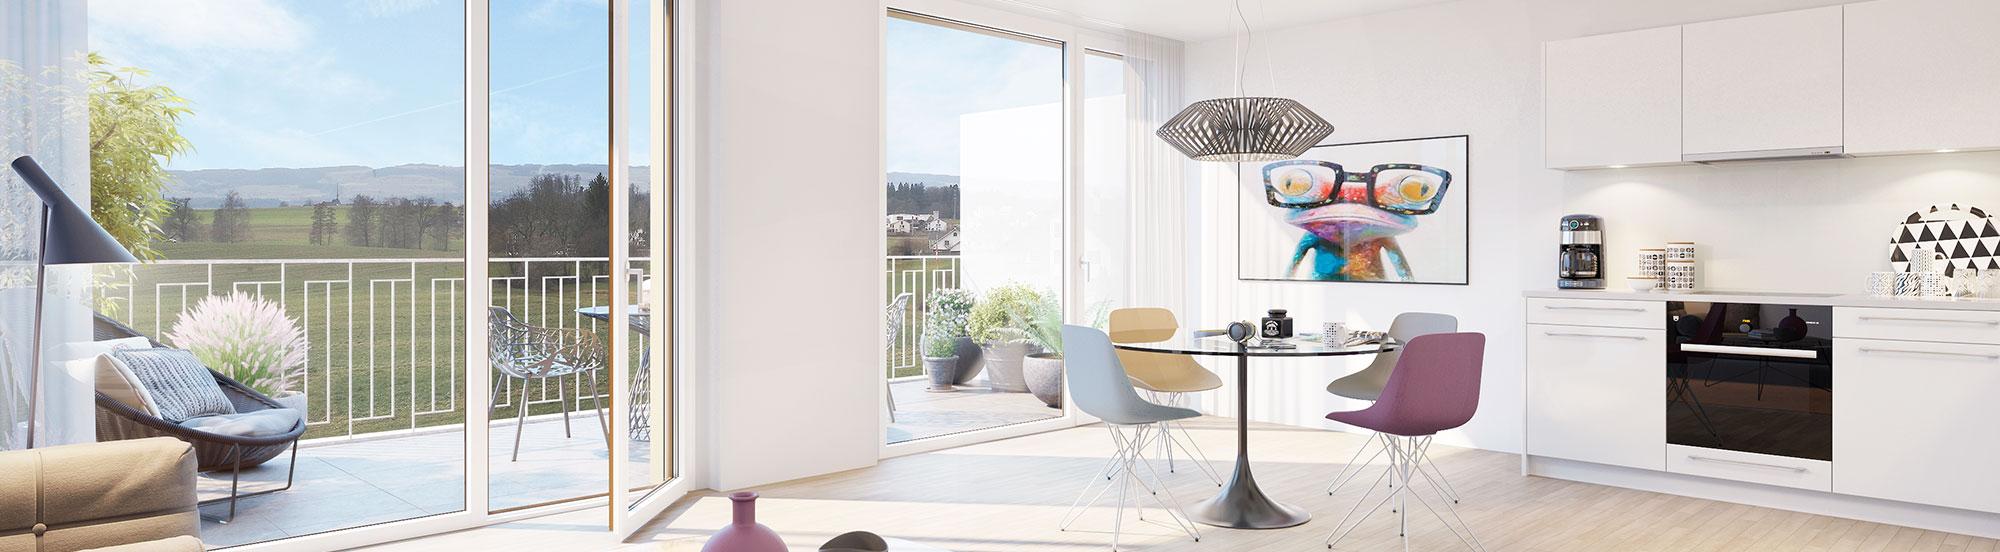 wohnen magazin mettmenstetten. Black Bedroom Furniture Sets. Home Design Ideas